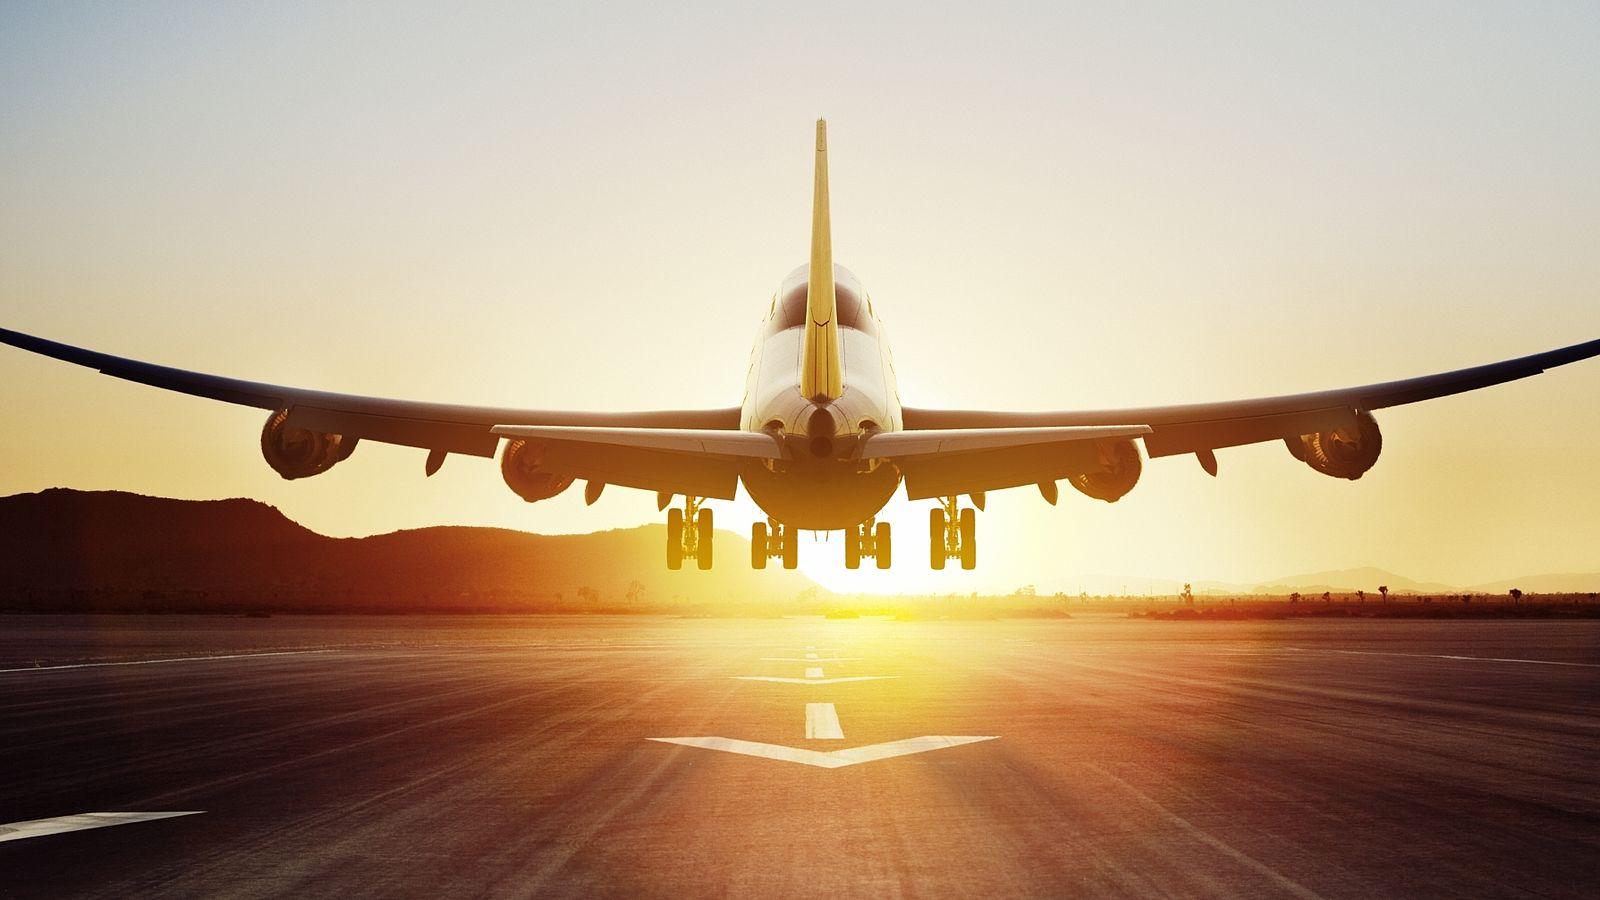 3.3 مليون مسافر من الهند إلي الإمارات بحلول عام 2023 يتوقع